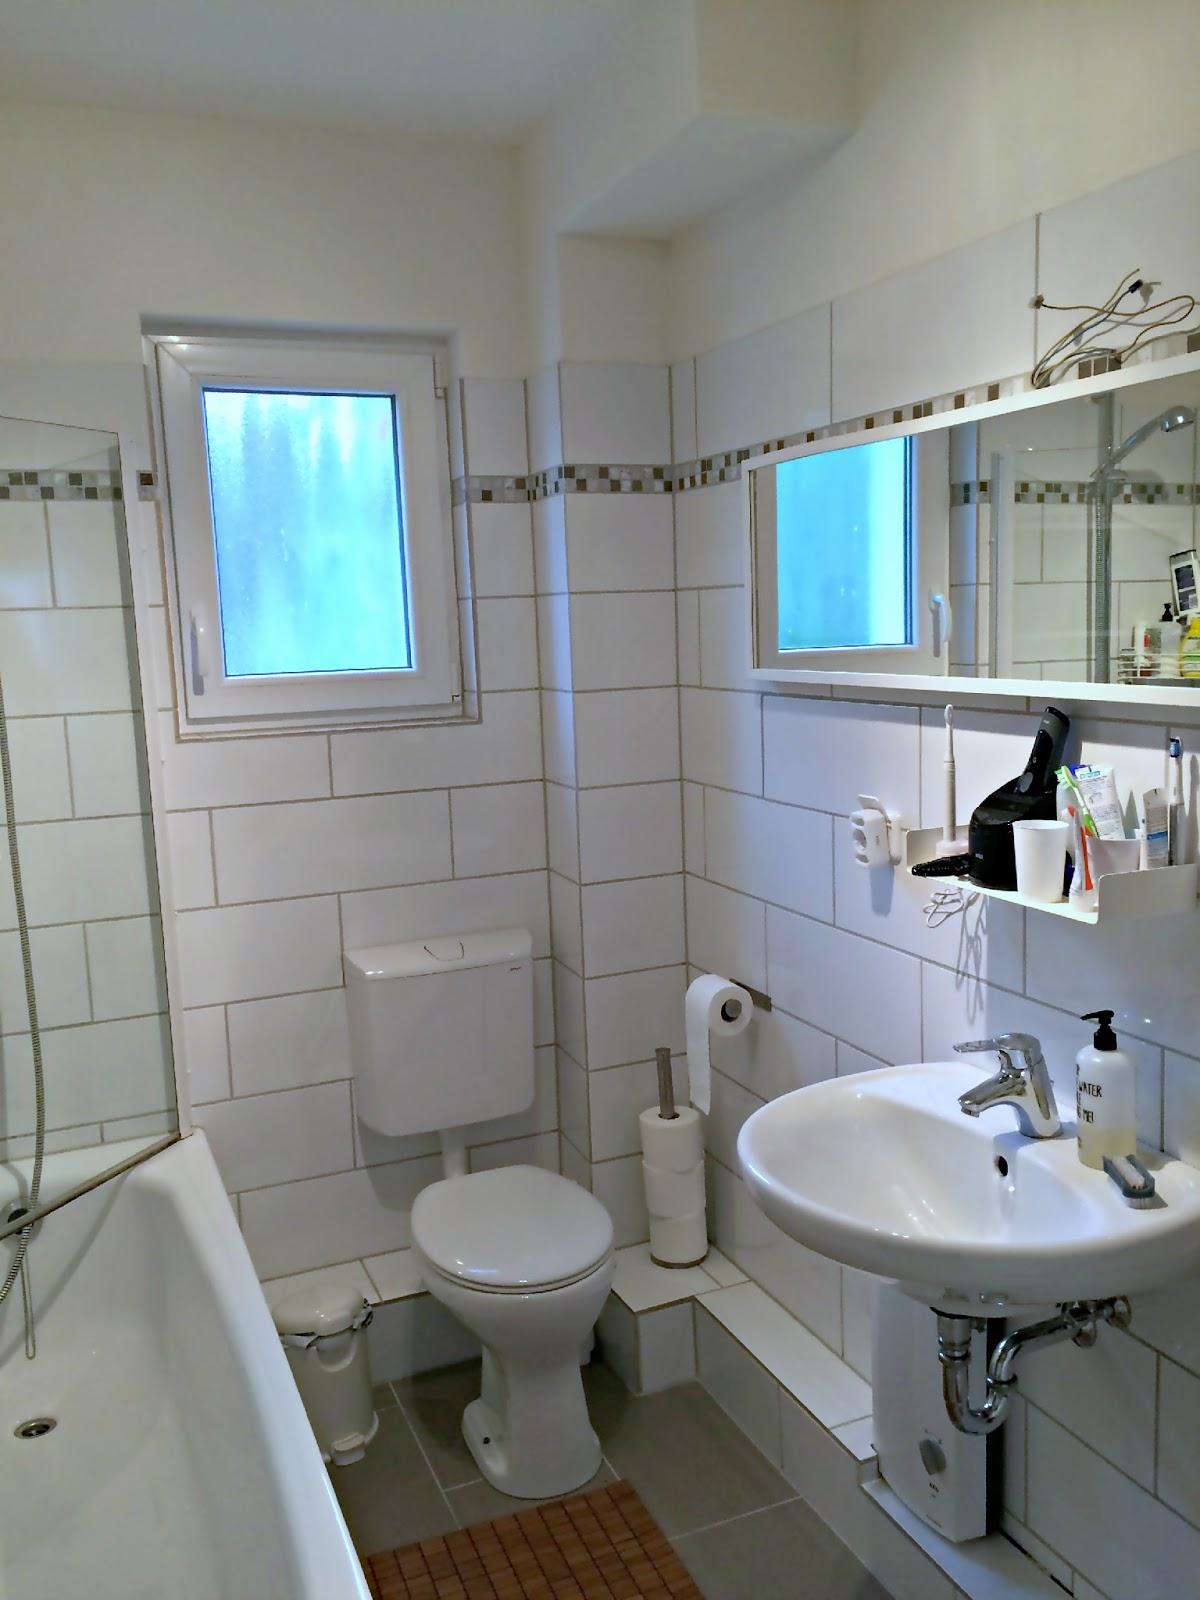 Altes Bad Verschönern emejing alte badezimmer verschönern images - die schönsten